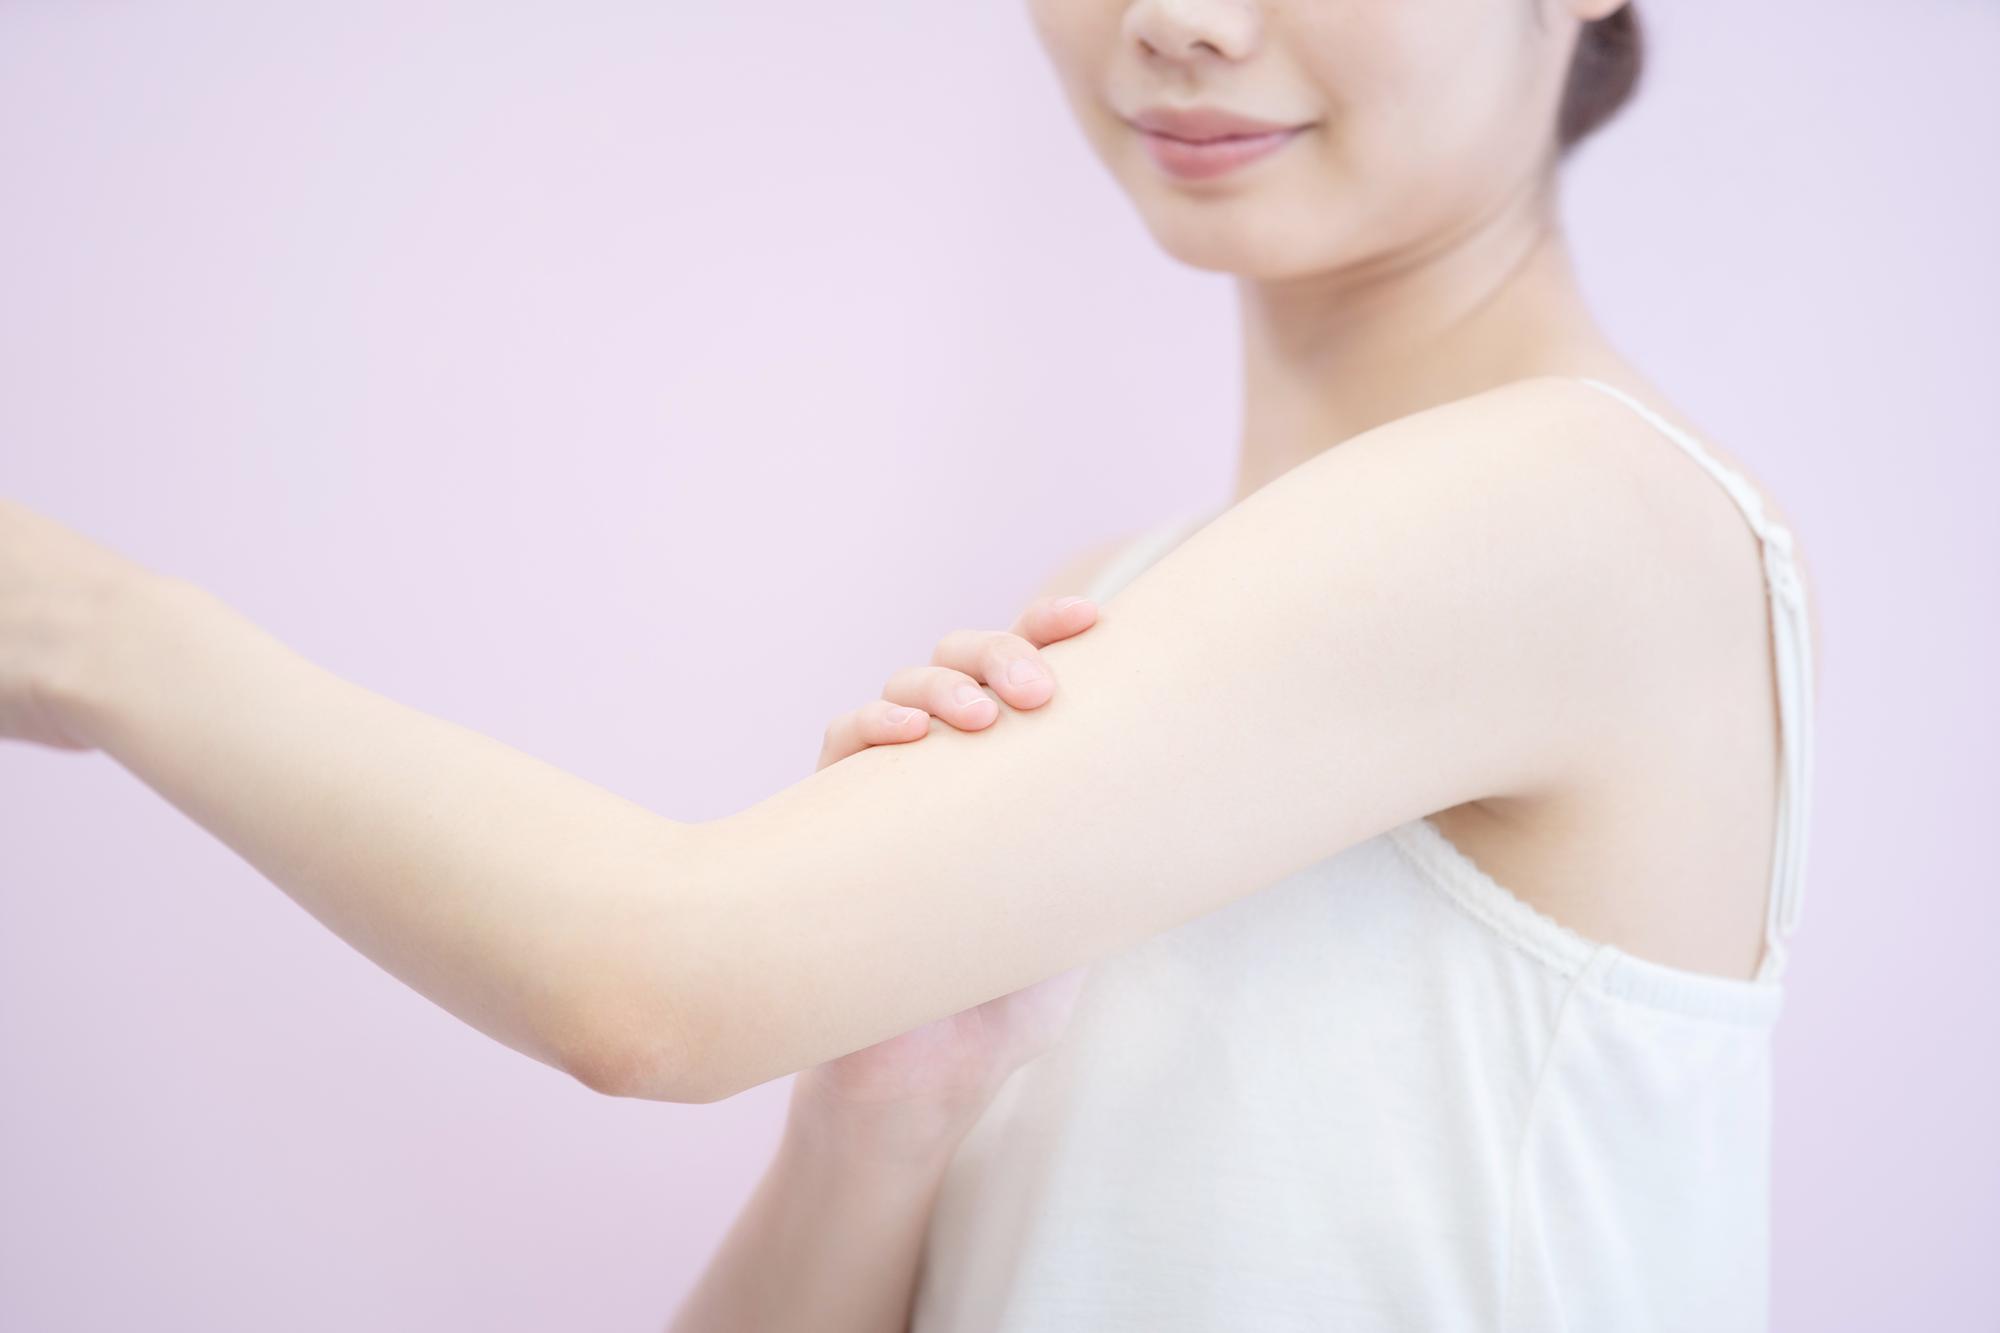 【医師監修】乾燥肌にかゆみが伴う理由とは? 原因と仕組み、予防法を解説